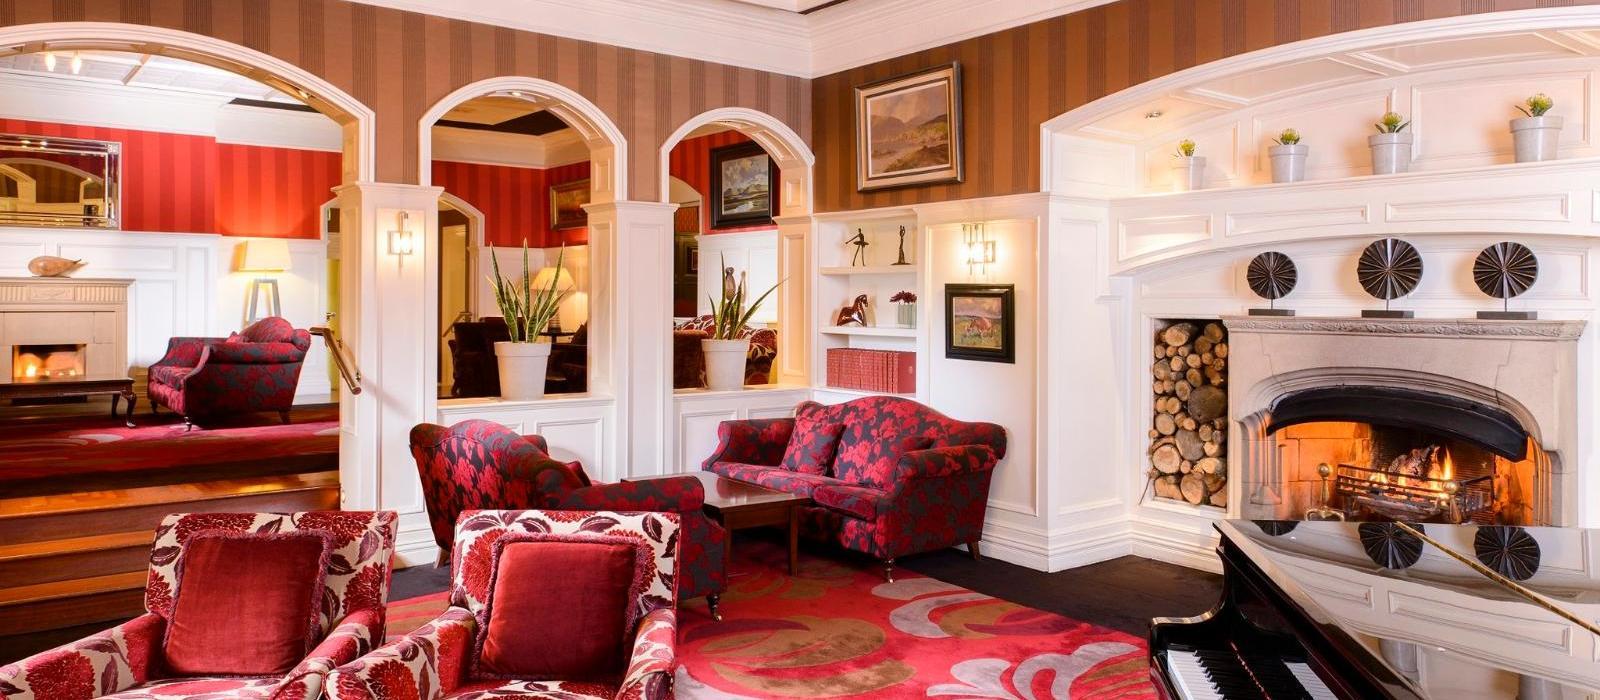 基拉尼公园酒店(The Killarney Park) 图片  www.lhw.cn